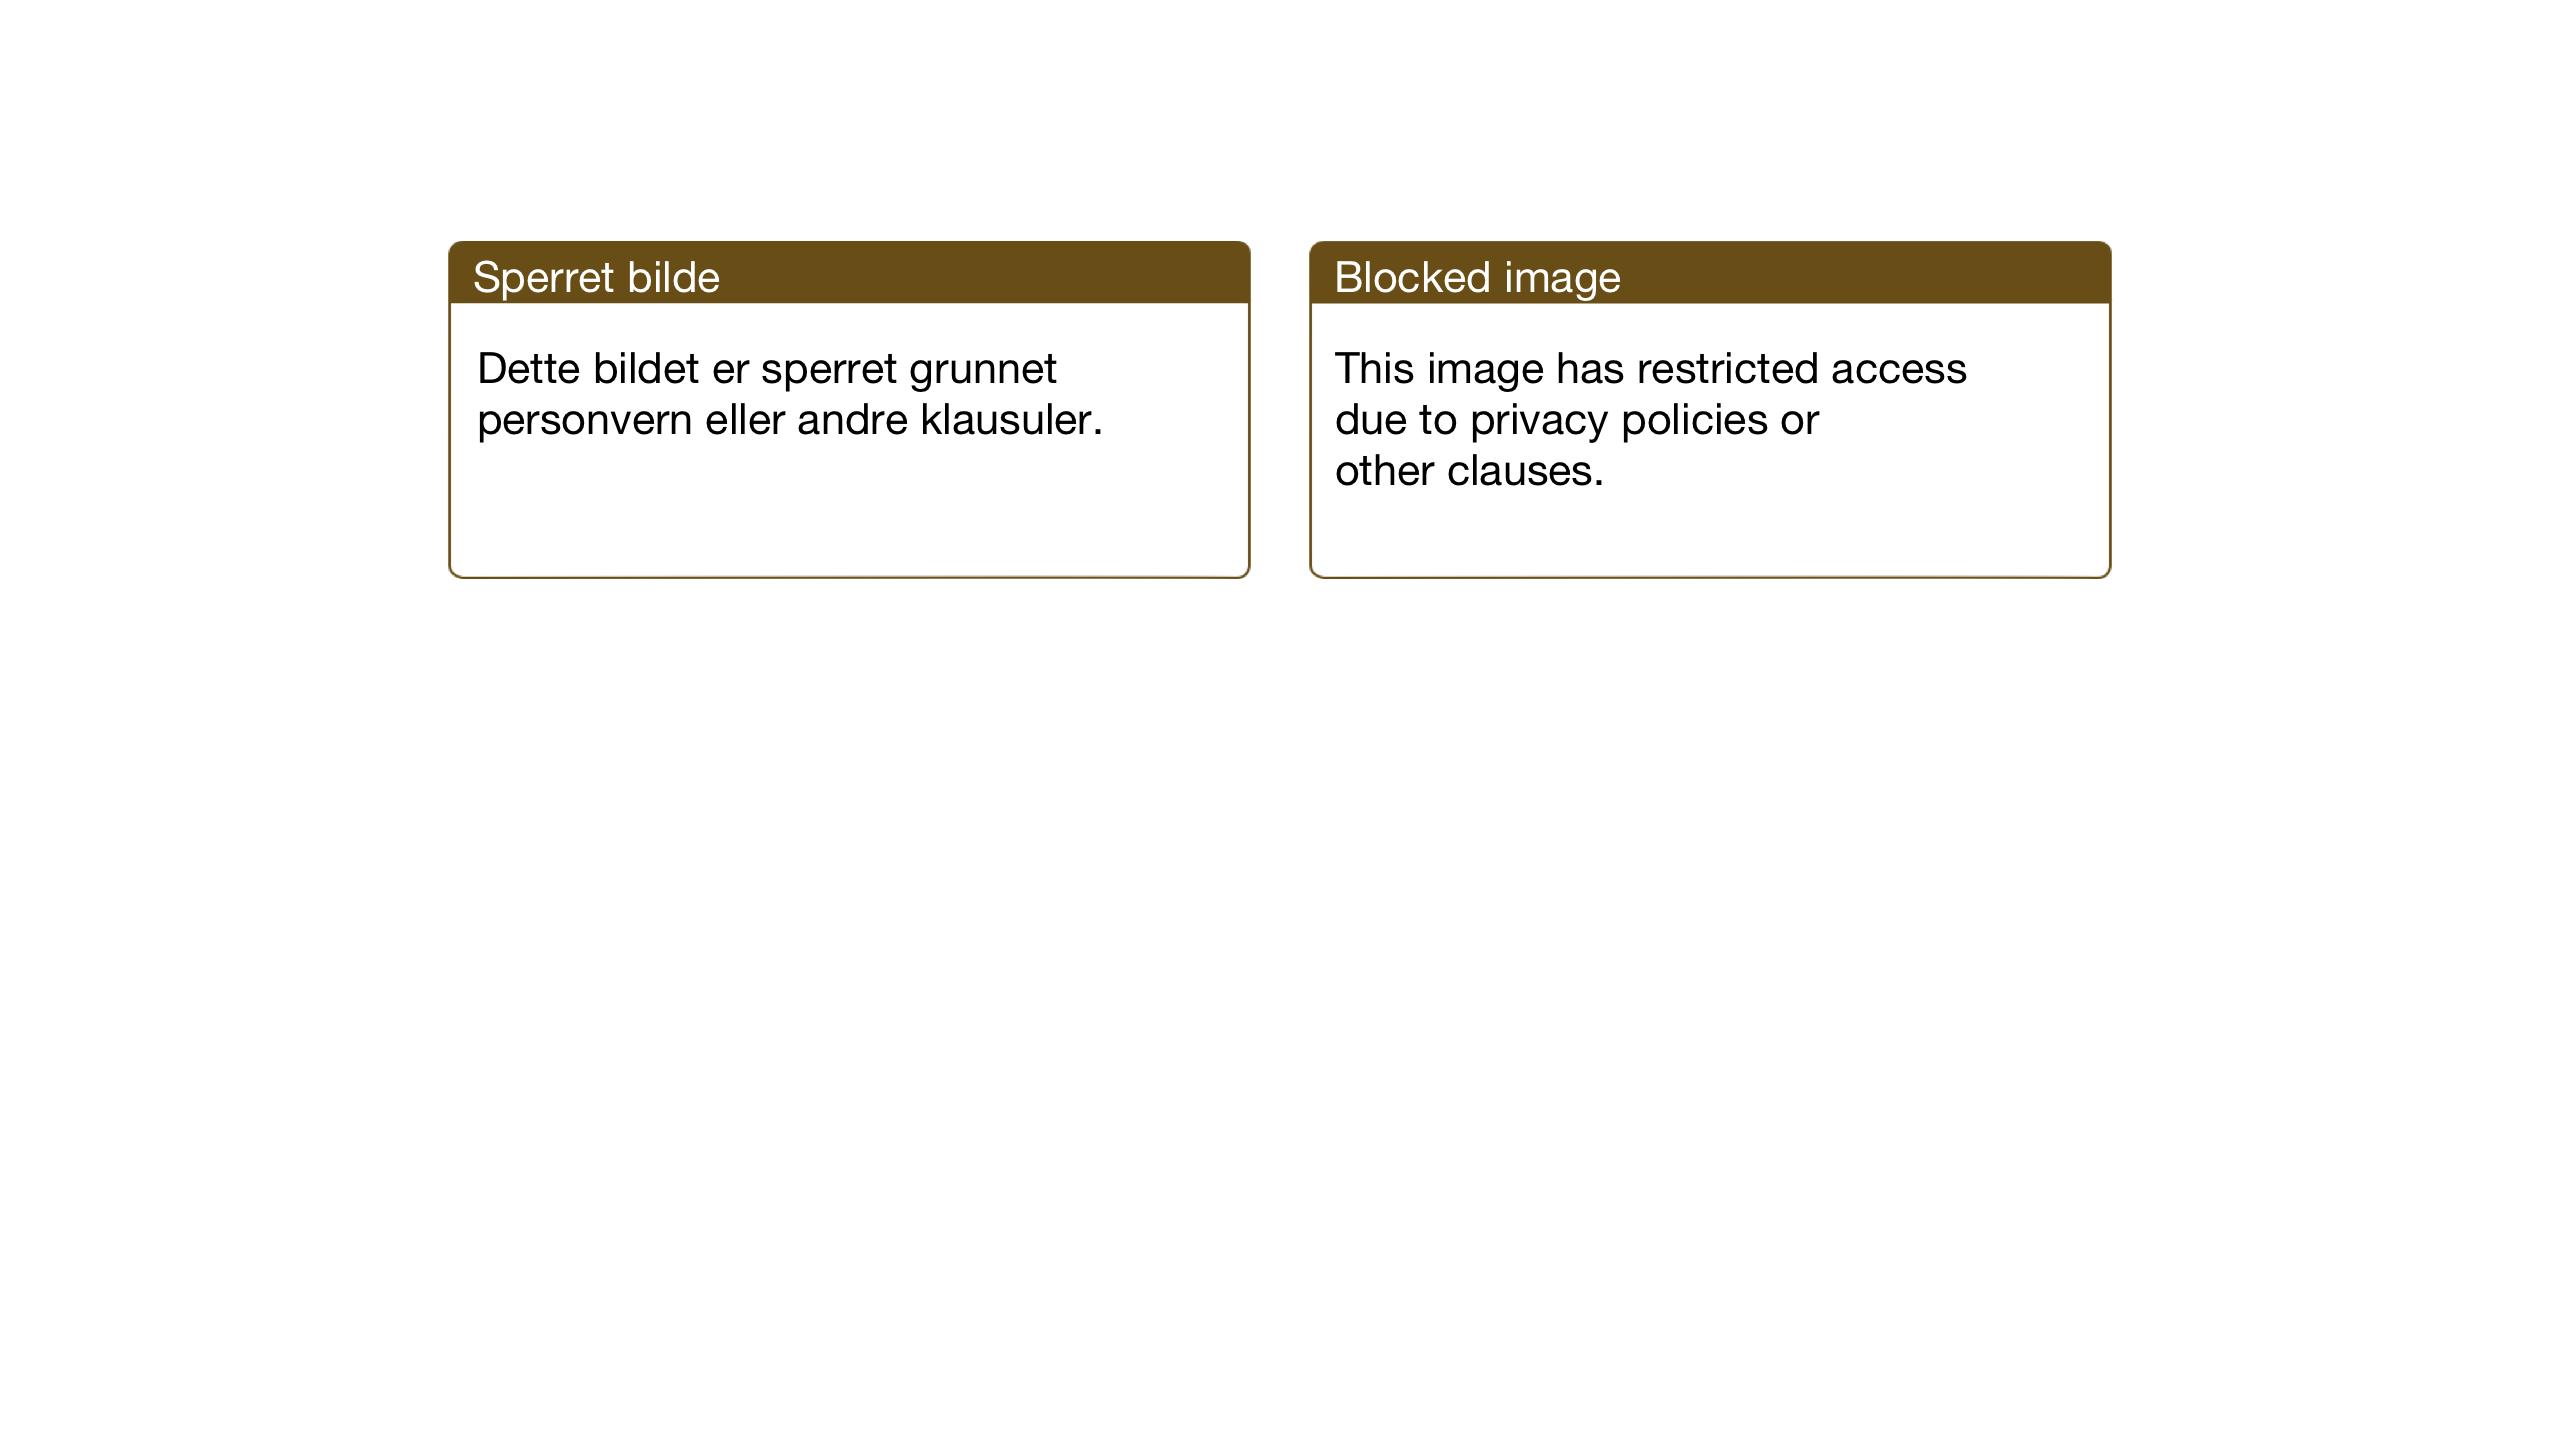 SAT, Ministerialprotokoller, klokkerbøker og fødselsregistre - Nord-Trøndelag, 714/L0136: Klokkerbok nr. 714C05, 1918-1957, s. 84